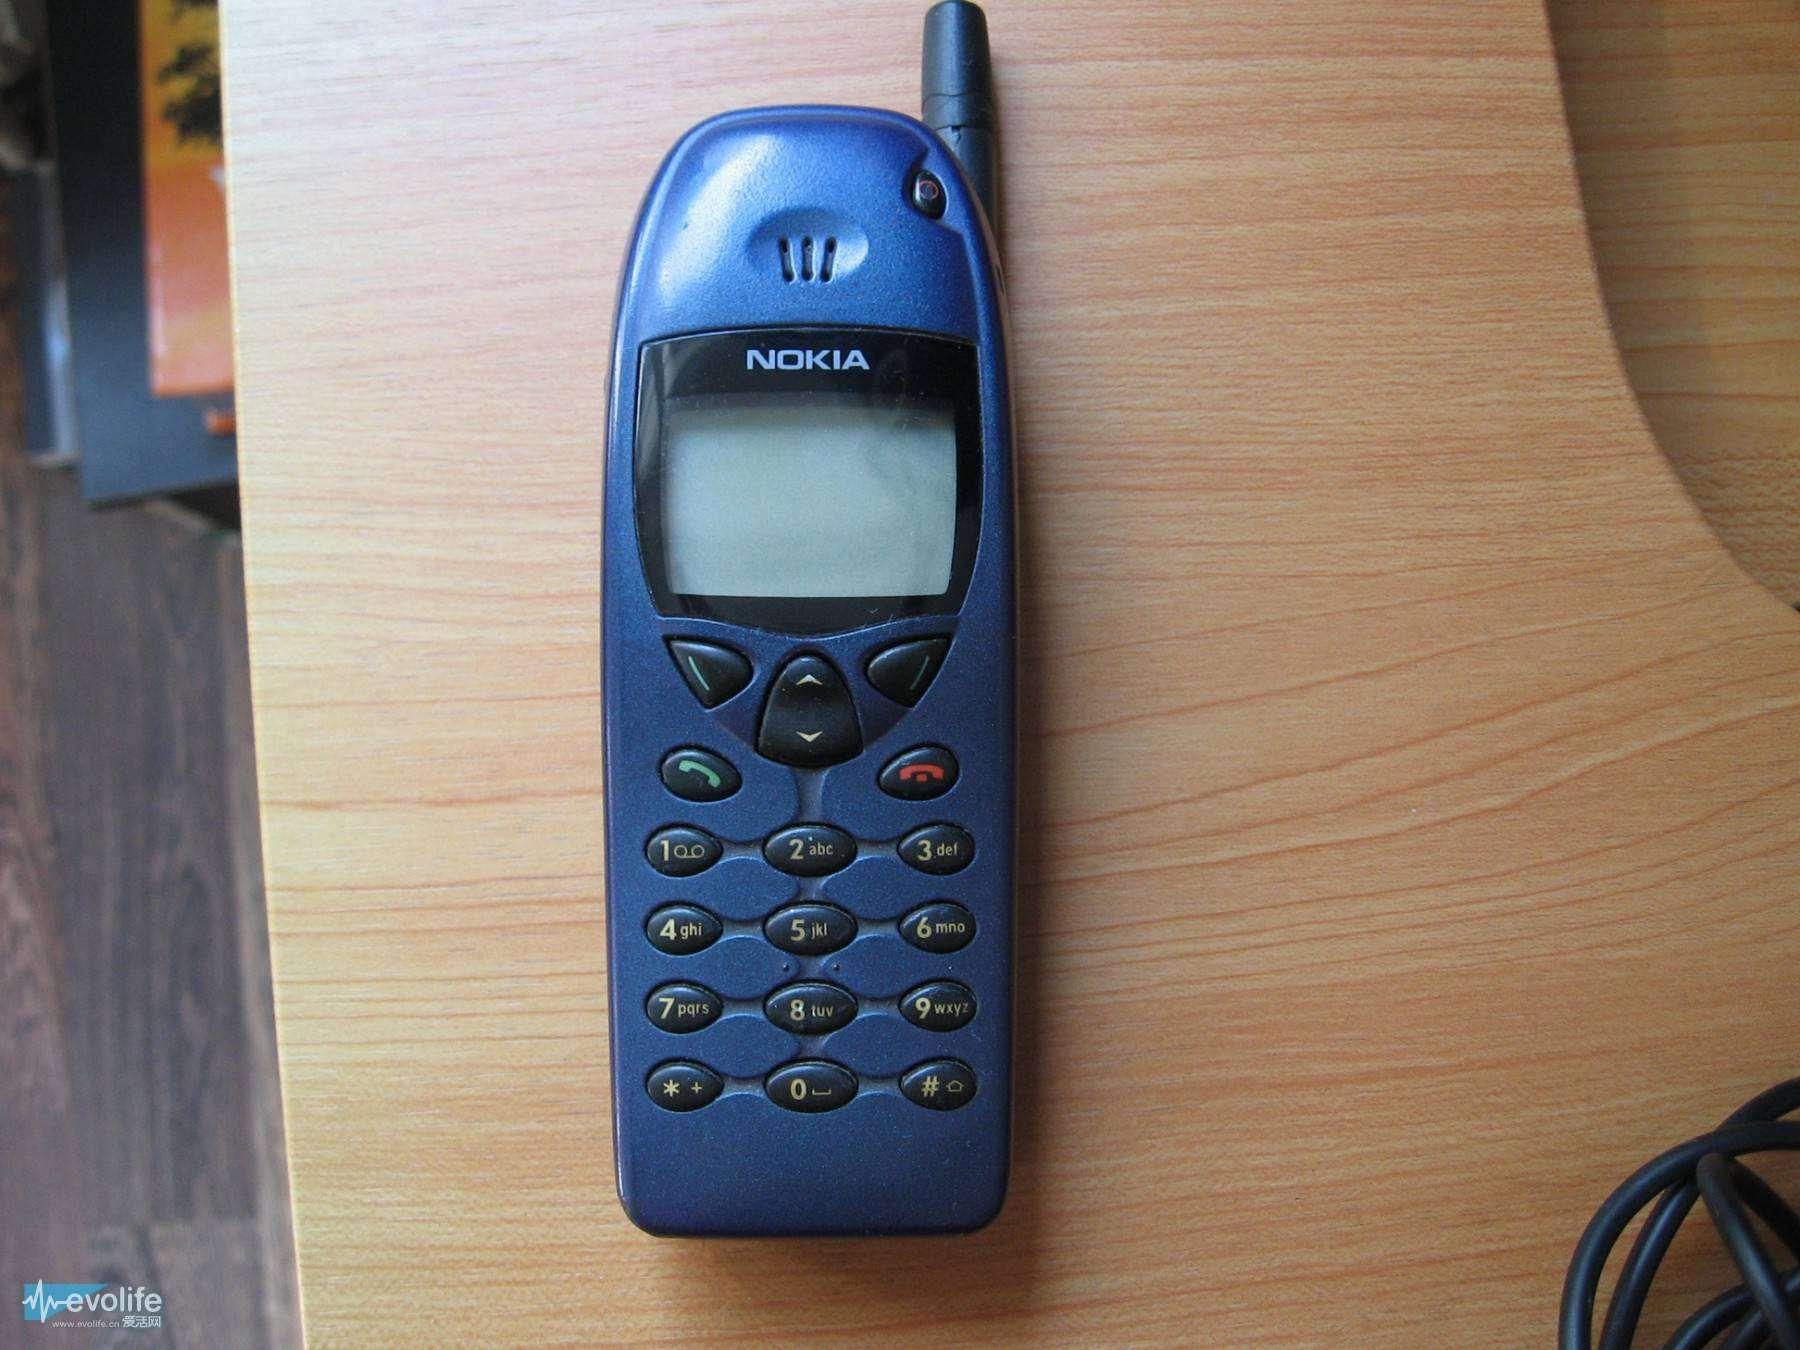 诺基亚6110,发布于1997年,这款手机拥有三款游戏,分别是记忆游戏、逻辑游戏以及标志性的贪吃蛇游戏。此外,这款手机还拥有在当时看来具有革命性的其他应用,例如日历和汇率转换器等。可以拆卸的前盖意味着,用户能用各种颜色选择来定制化自己的手机。